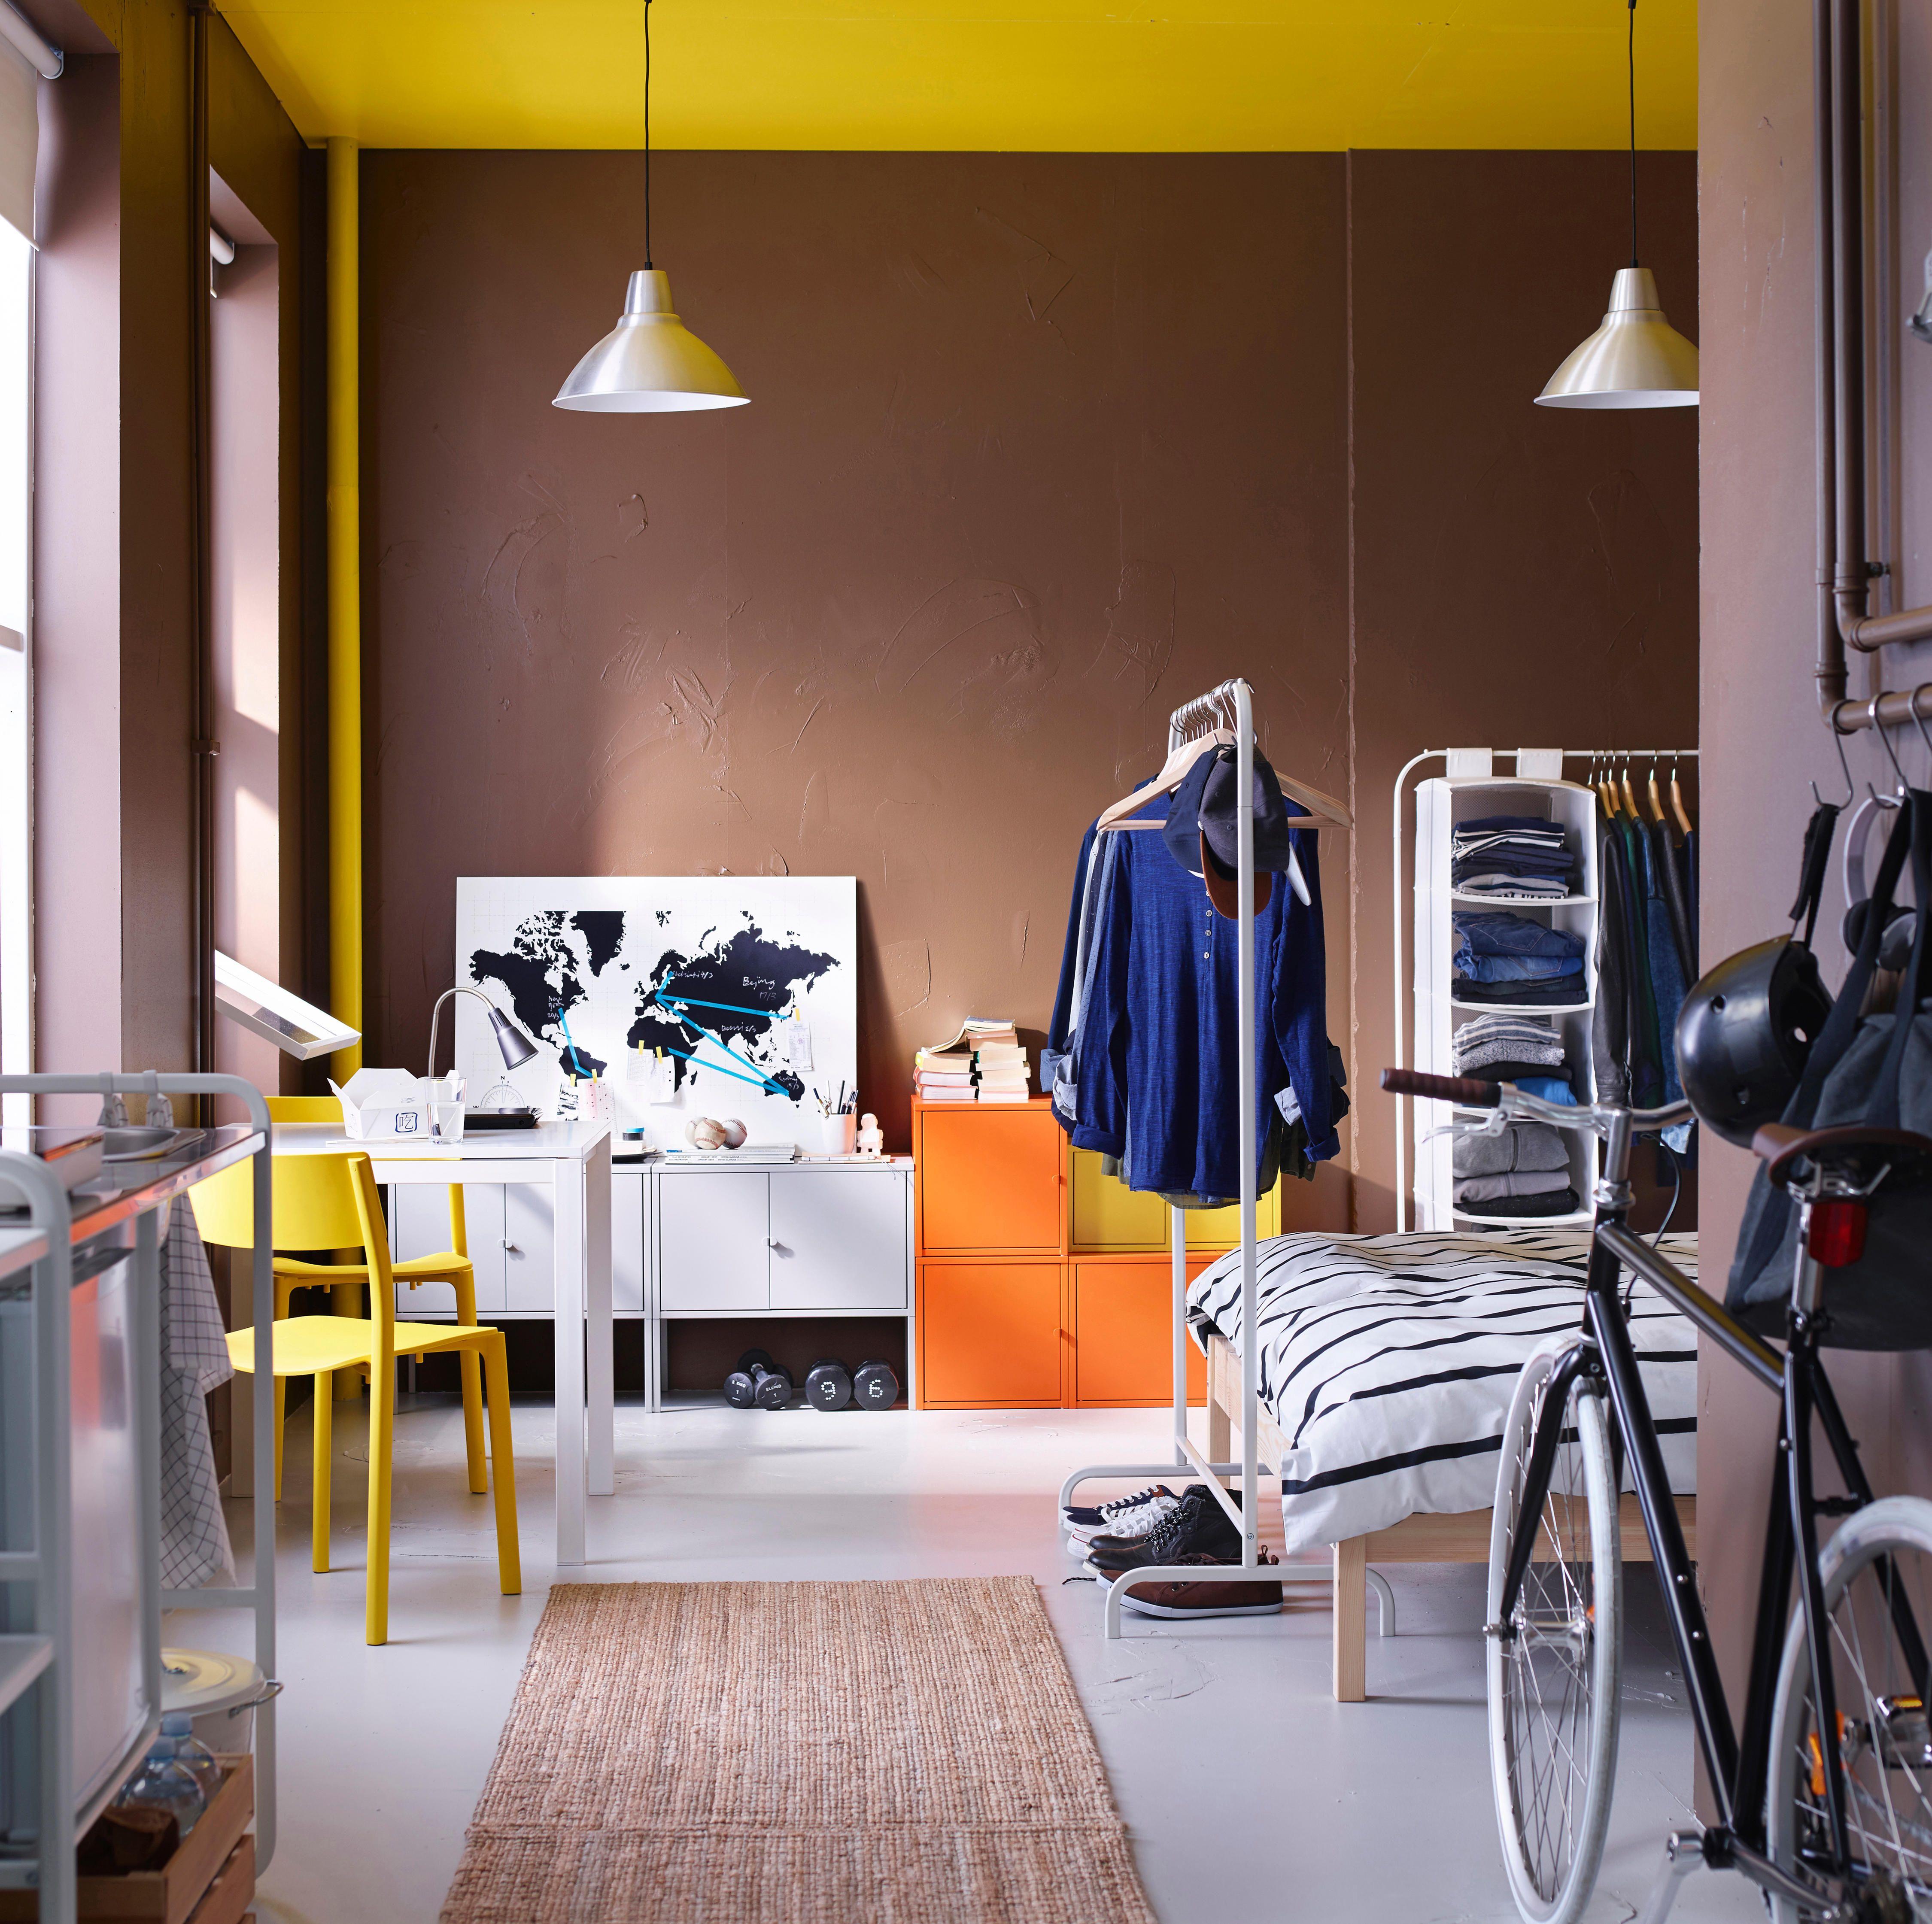 Die besten Ikea-Tipps für kleine Wohnungen aus dem neuen